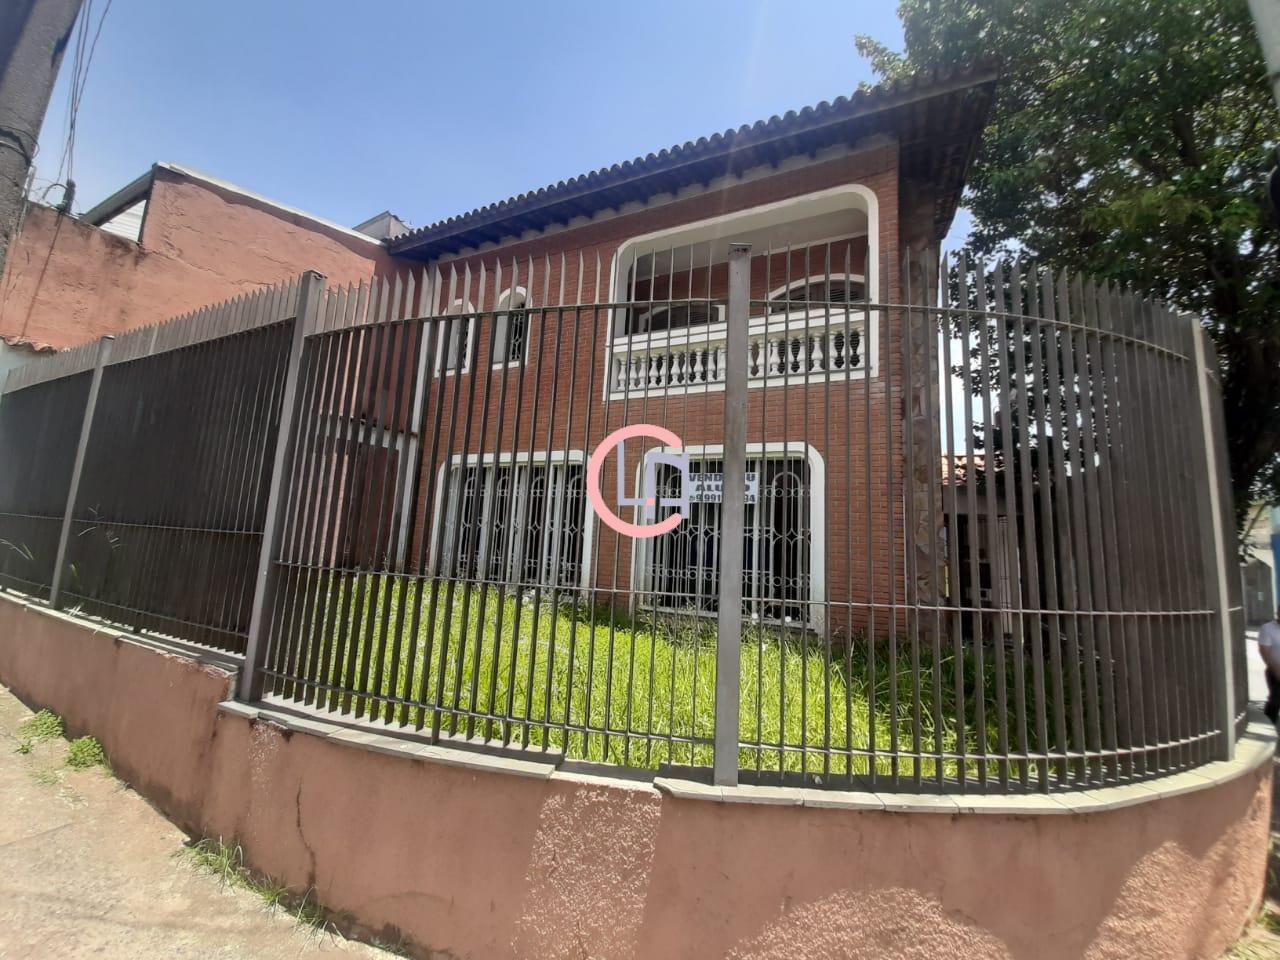 Sobrado para aluguel, 3 quartos, 1 suíte, 2 vagas, Paulicéia - São Bernardo do Campo/SP